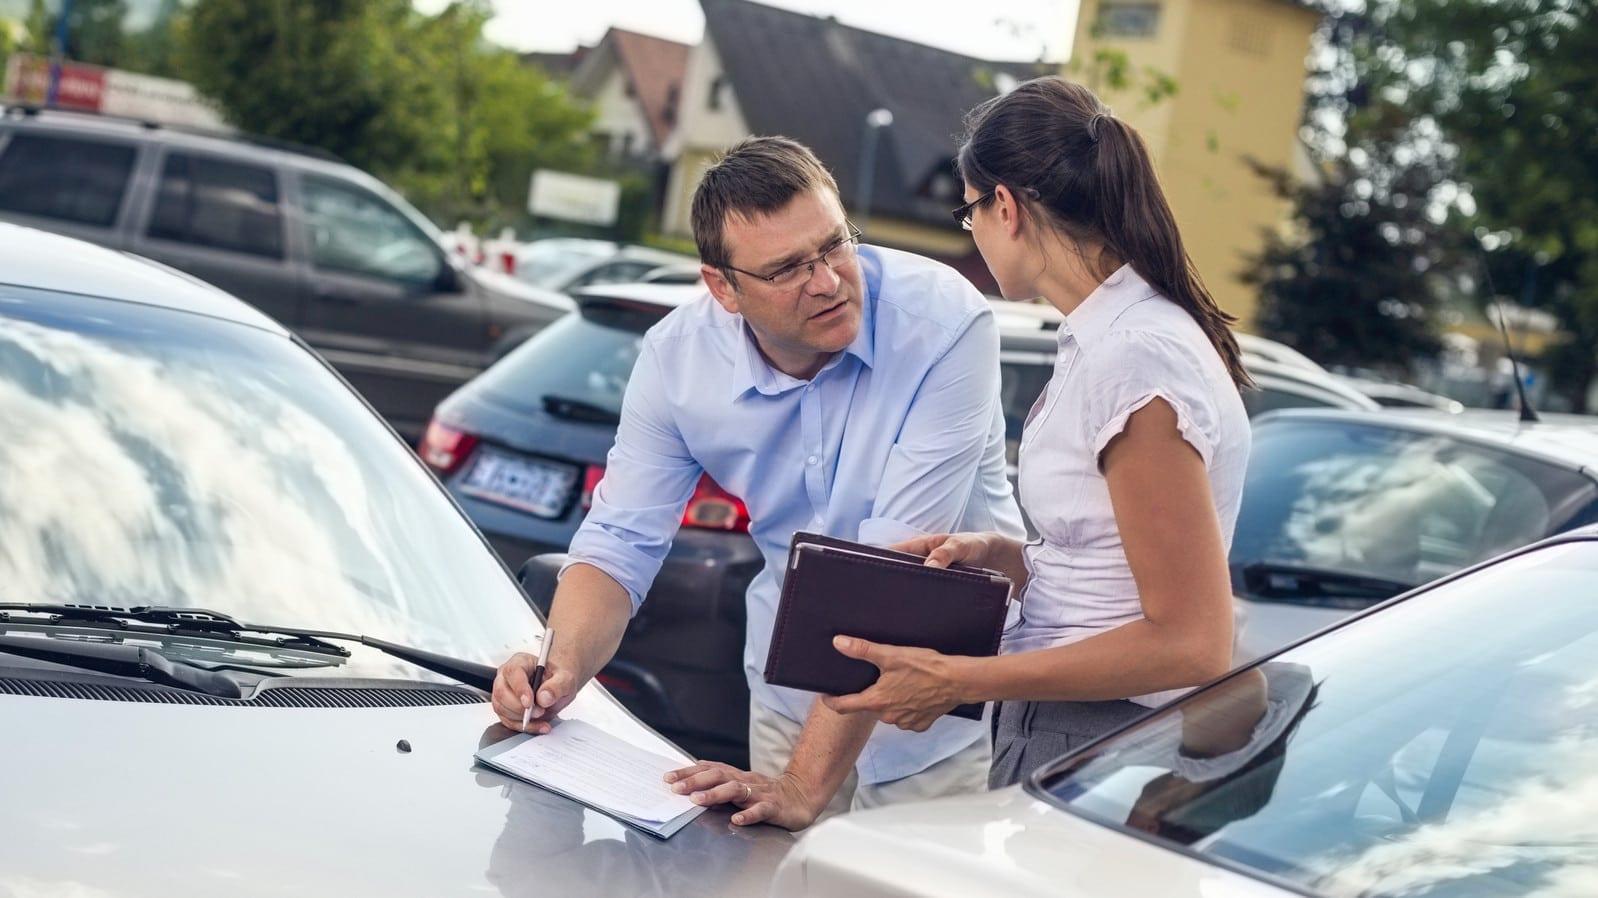 5 greșeli frecvente făcute de șoferi și care pot produce accidente rutiere grave